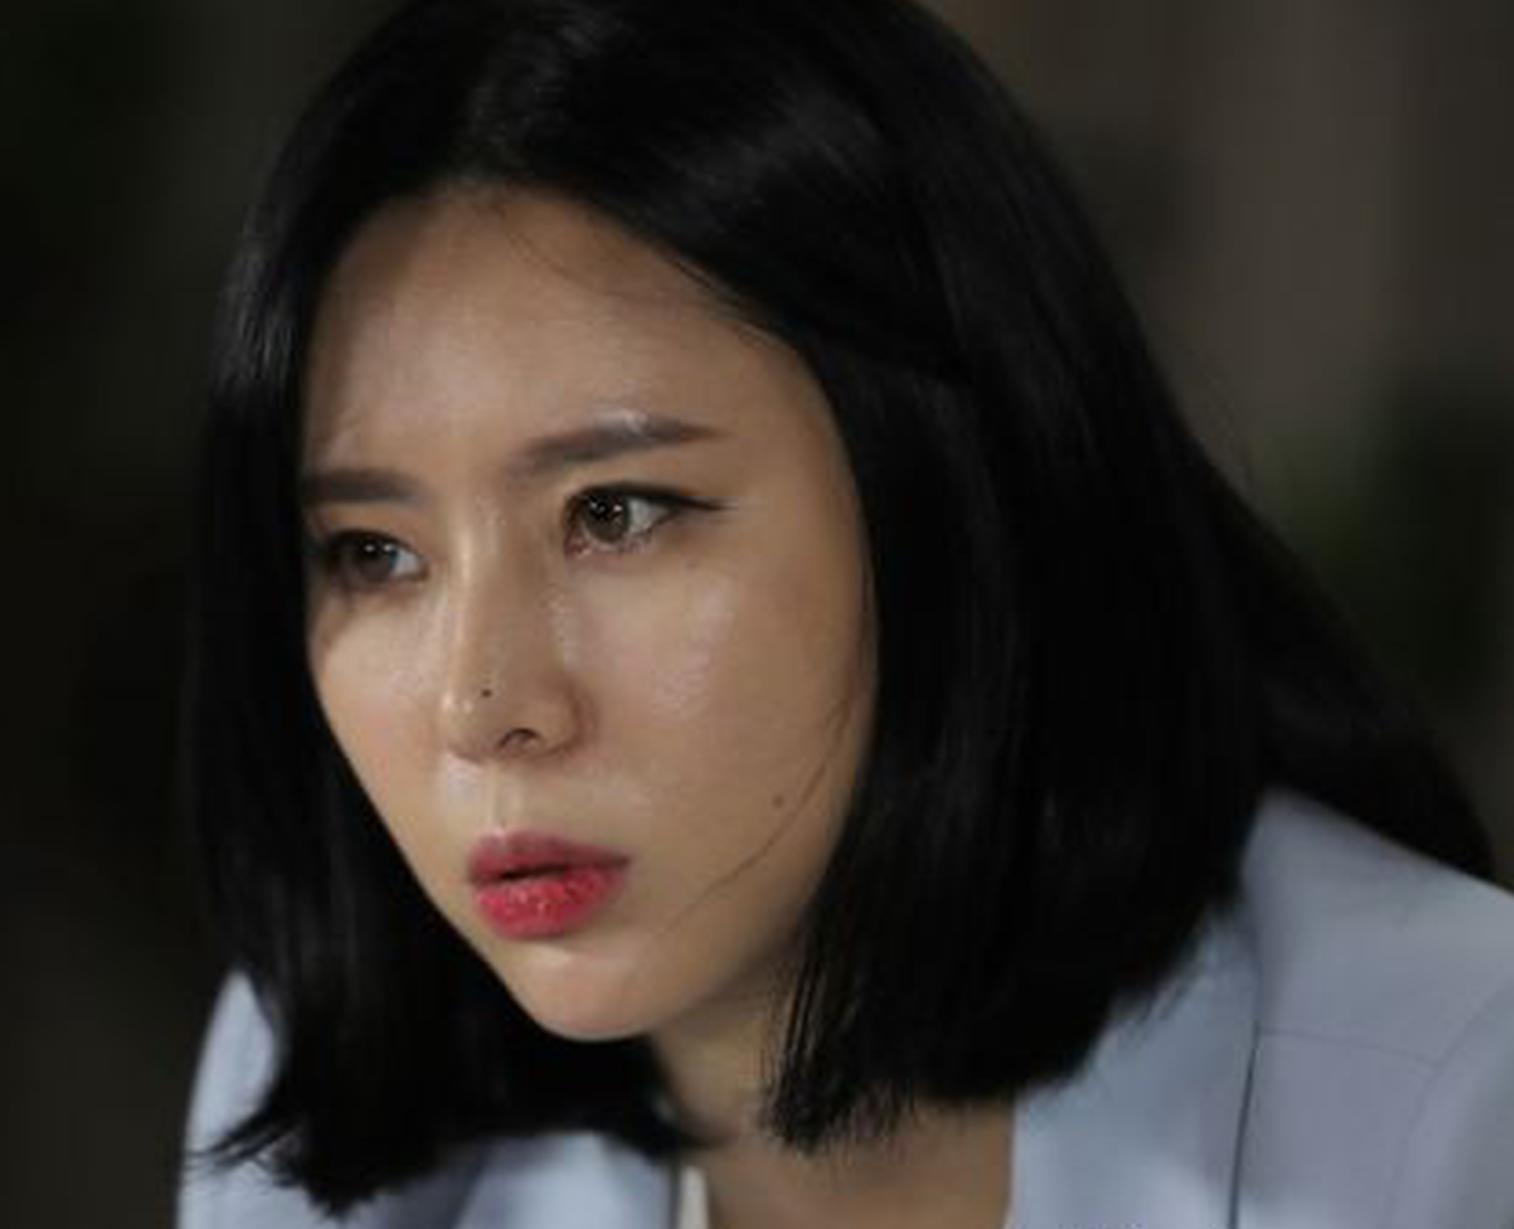 尹智吾发长文回应警方逮捕令:你们到底在害怕什么